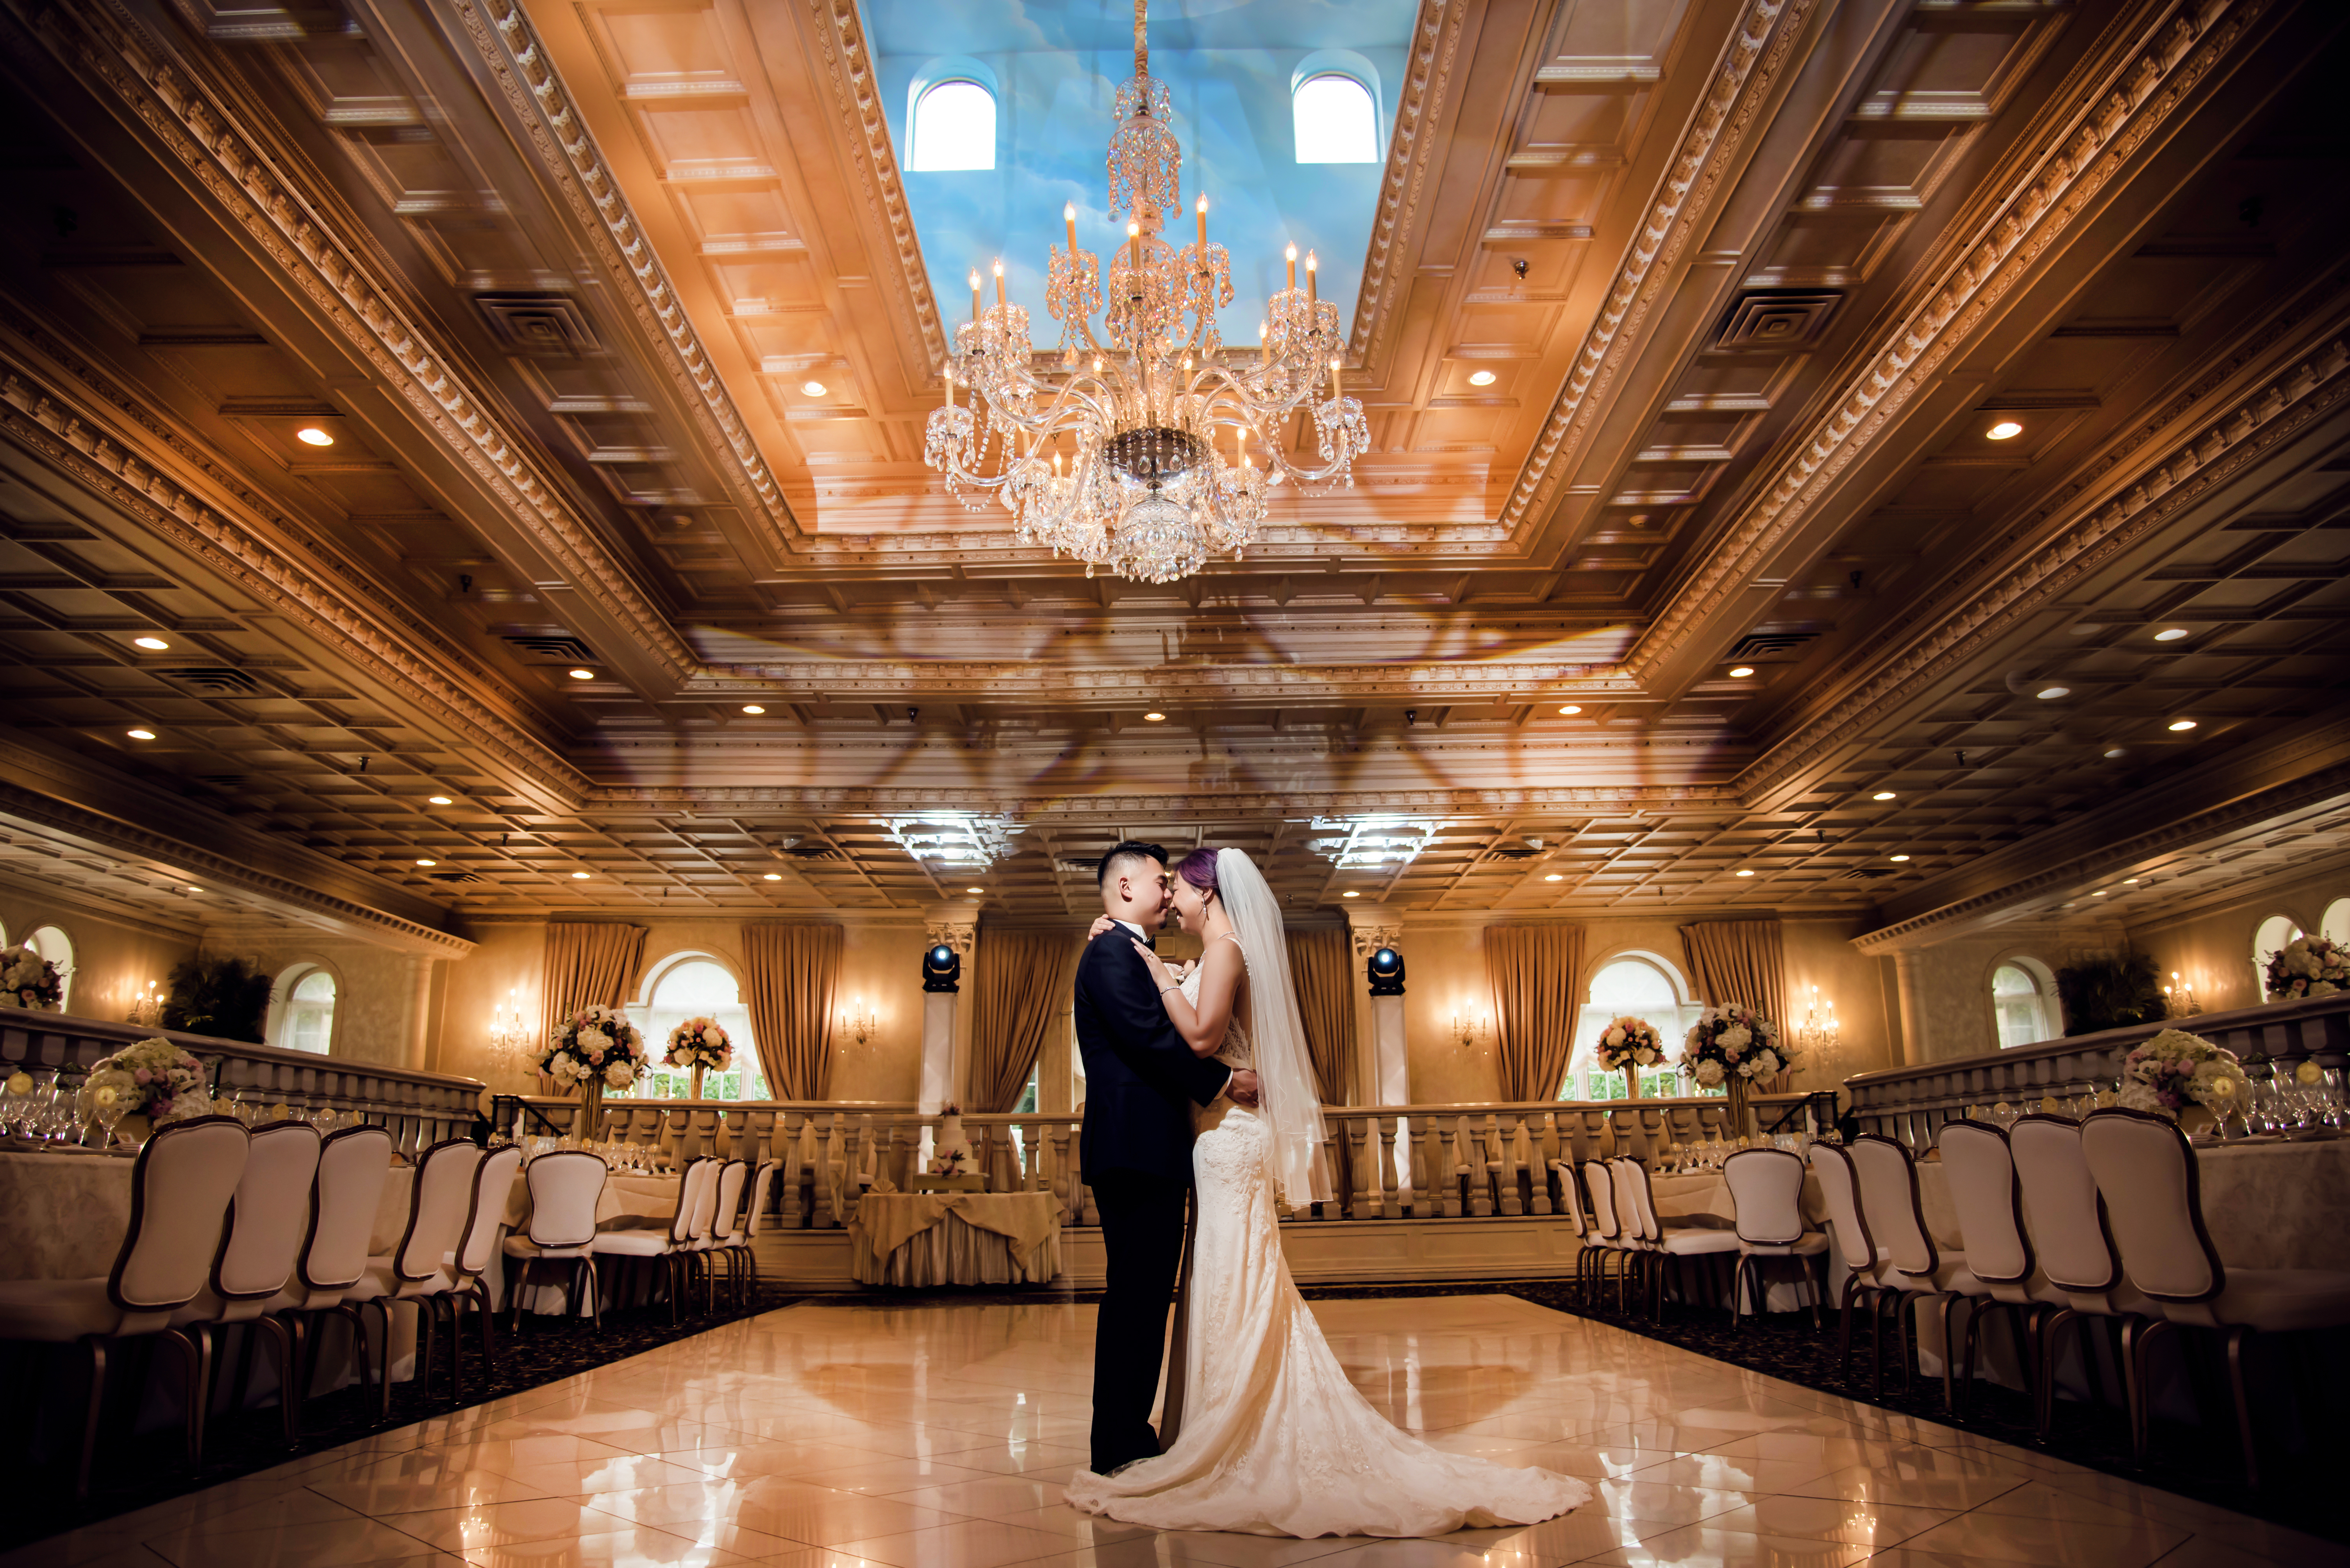 Jonathan alice wedding photos naninas in the park belleville nj naninas in the park belleville nj wedding photography arubaitofo Gallery